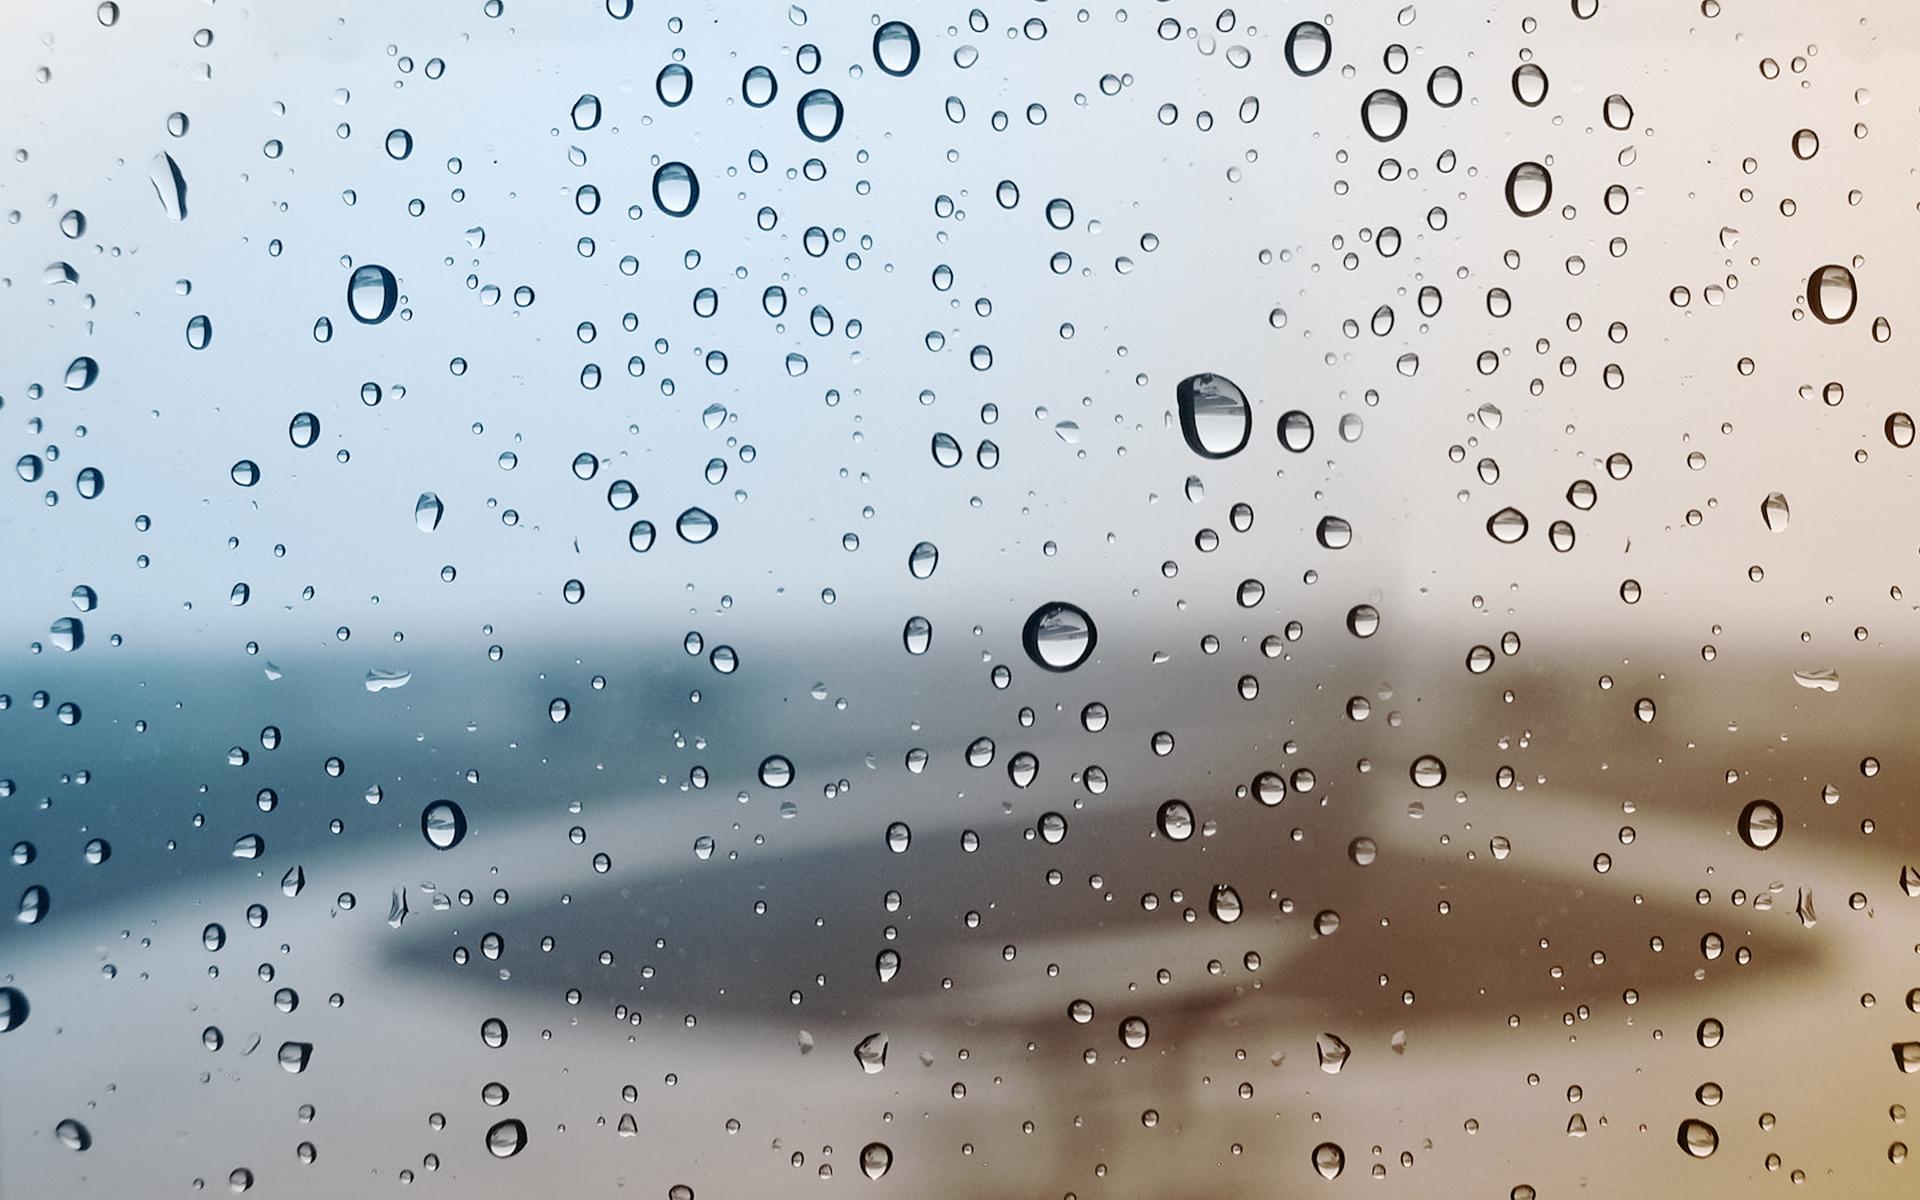 Картинки на рабочий стол анимация дождь, свадьба